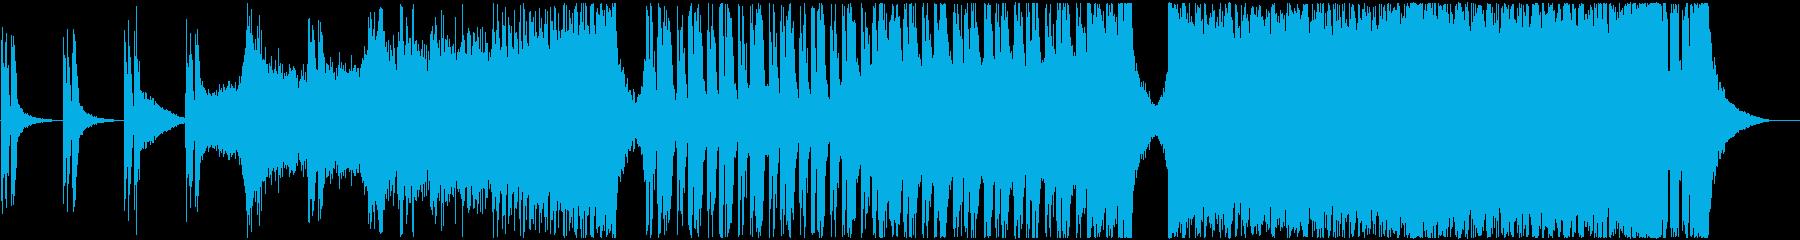 モダンでパワフルなアクションBGMの再生済みの波形